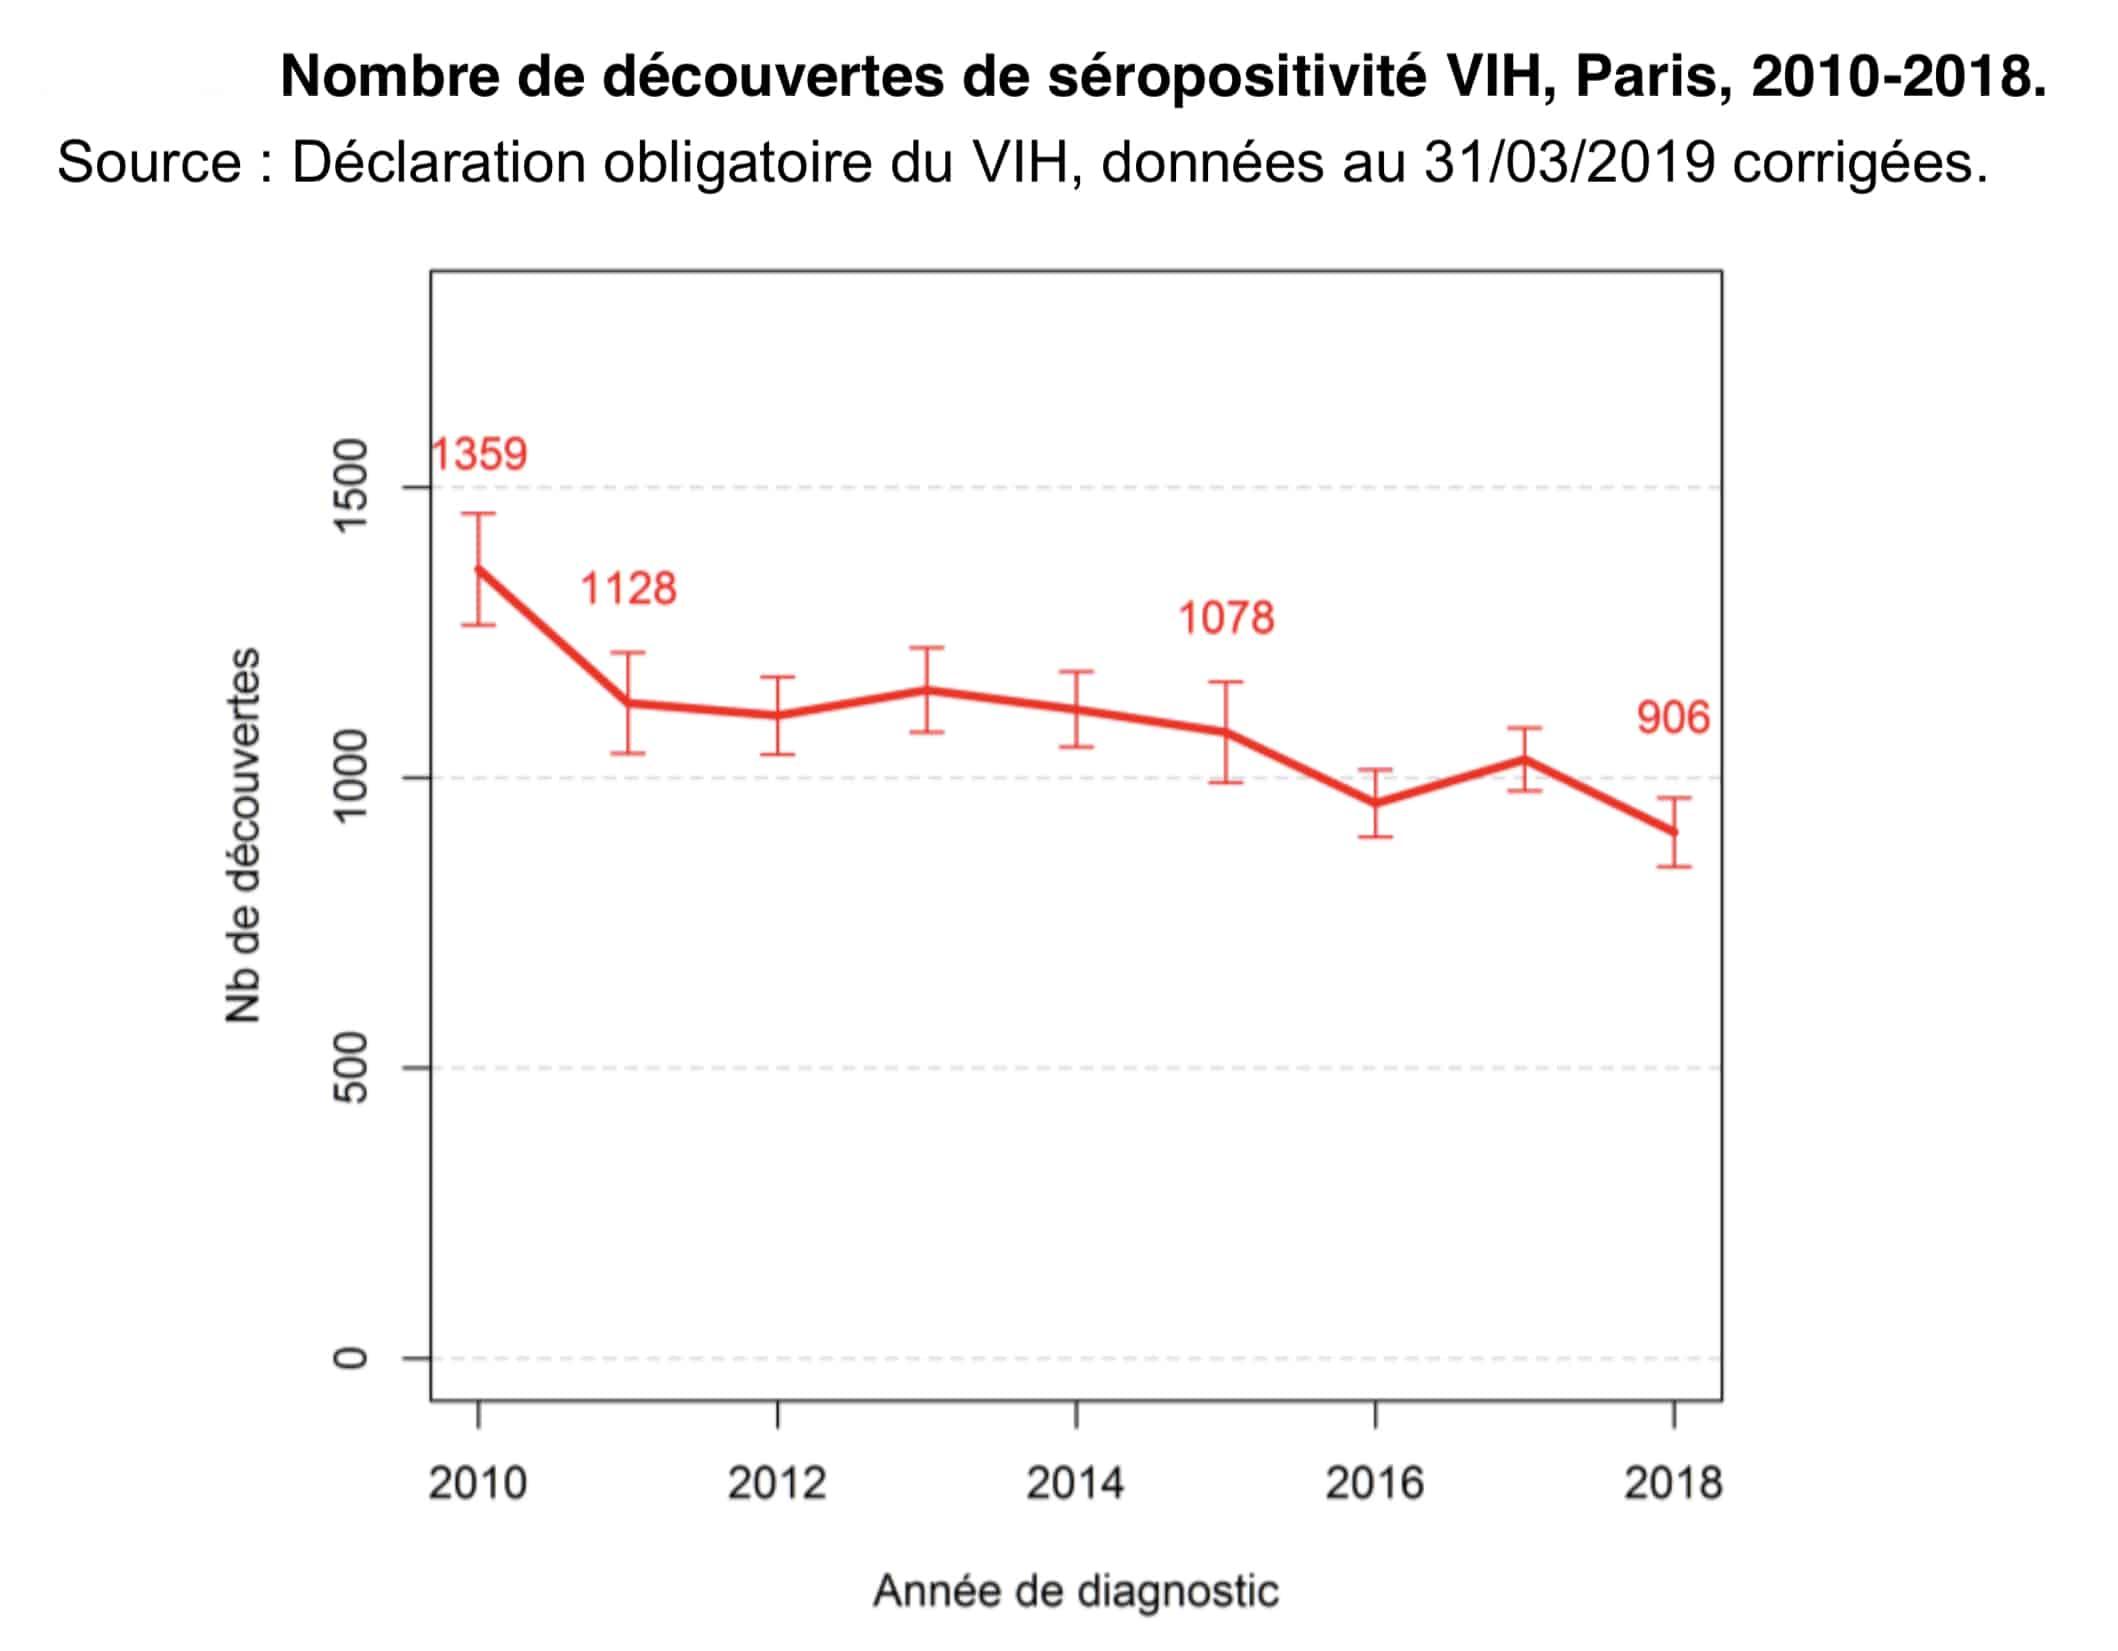 Nombre de découvertes de séropositivité VIH, Paris, 2010-2018